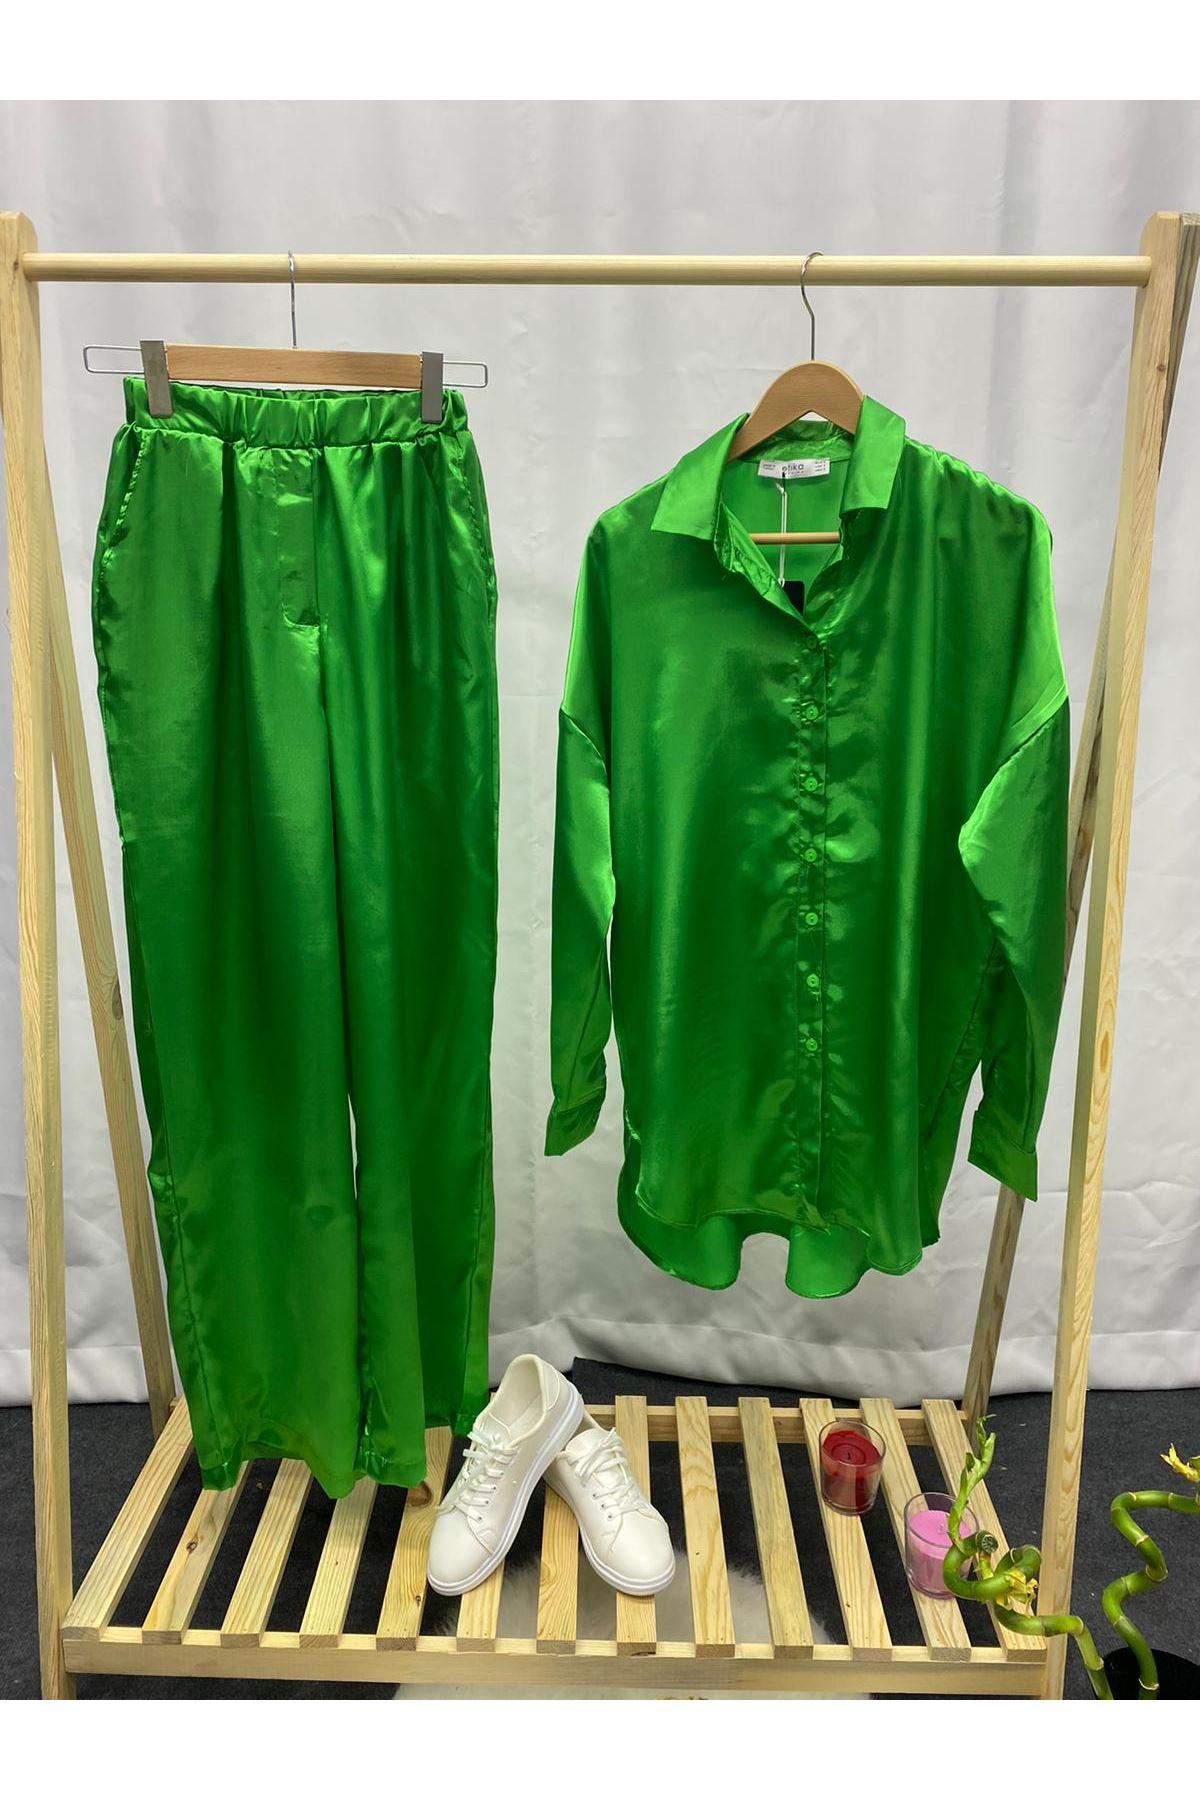 Saten Yeşil İkili Takım  - YEŞİL